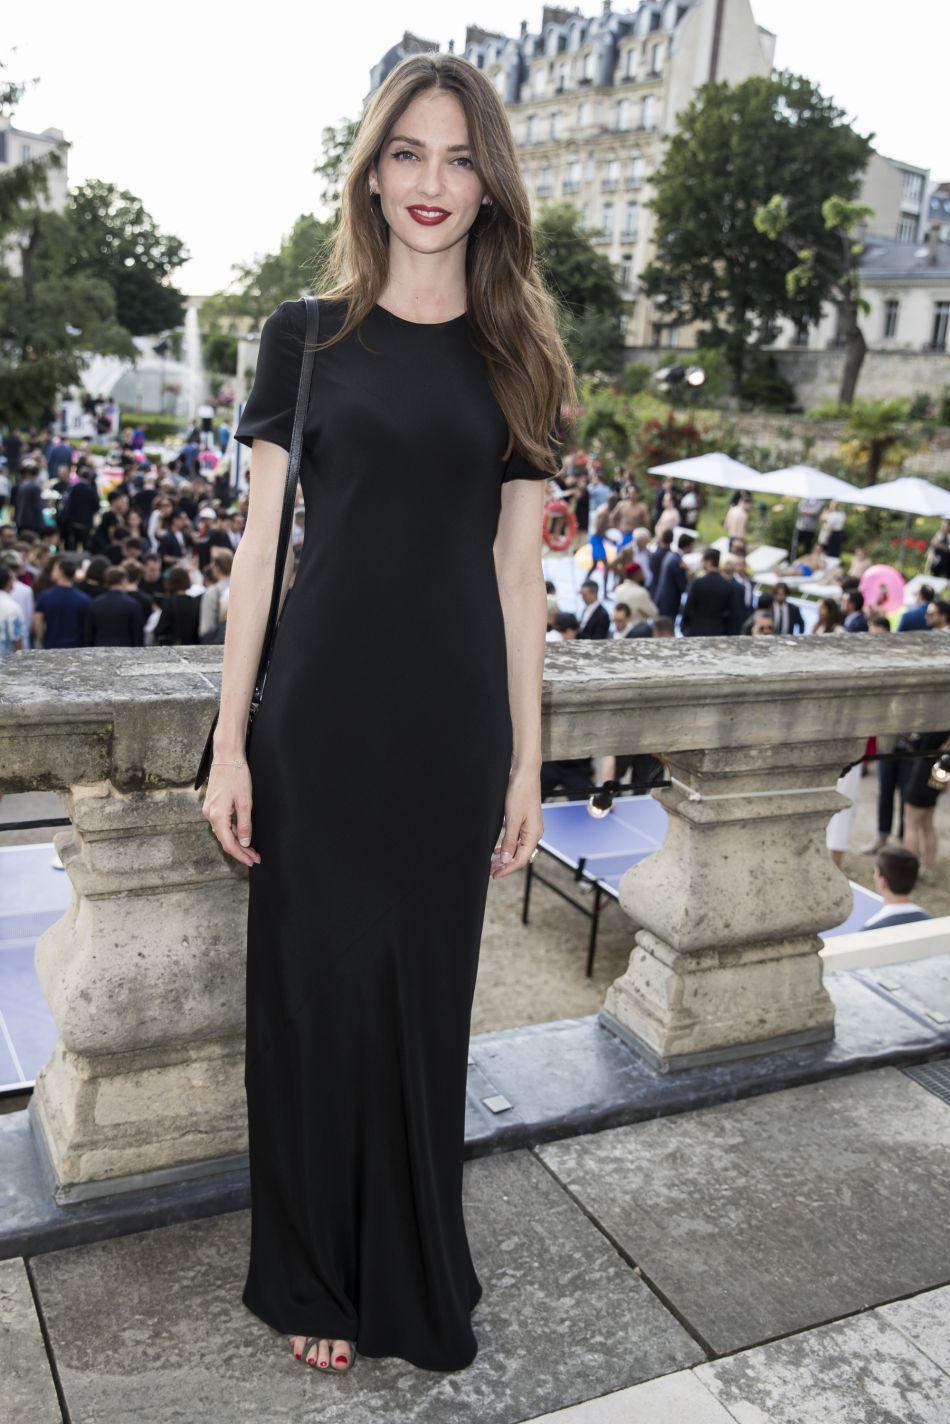 Annabelle Waters Belmondo a accessoirisé sa tenue avec un make up simple mais glamour.